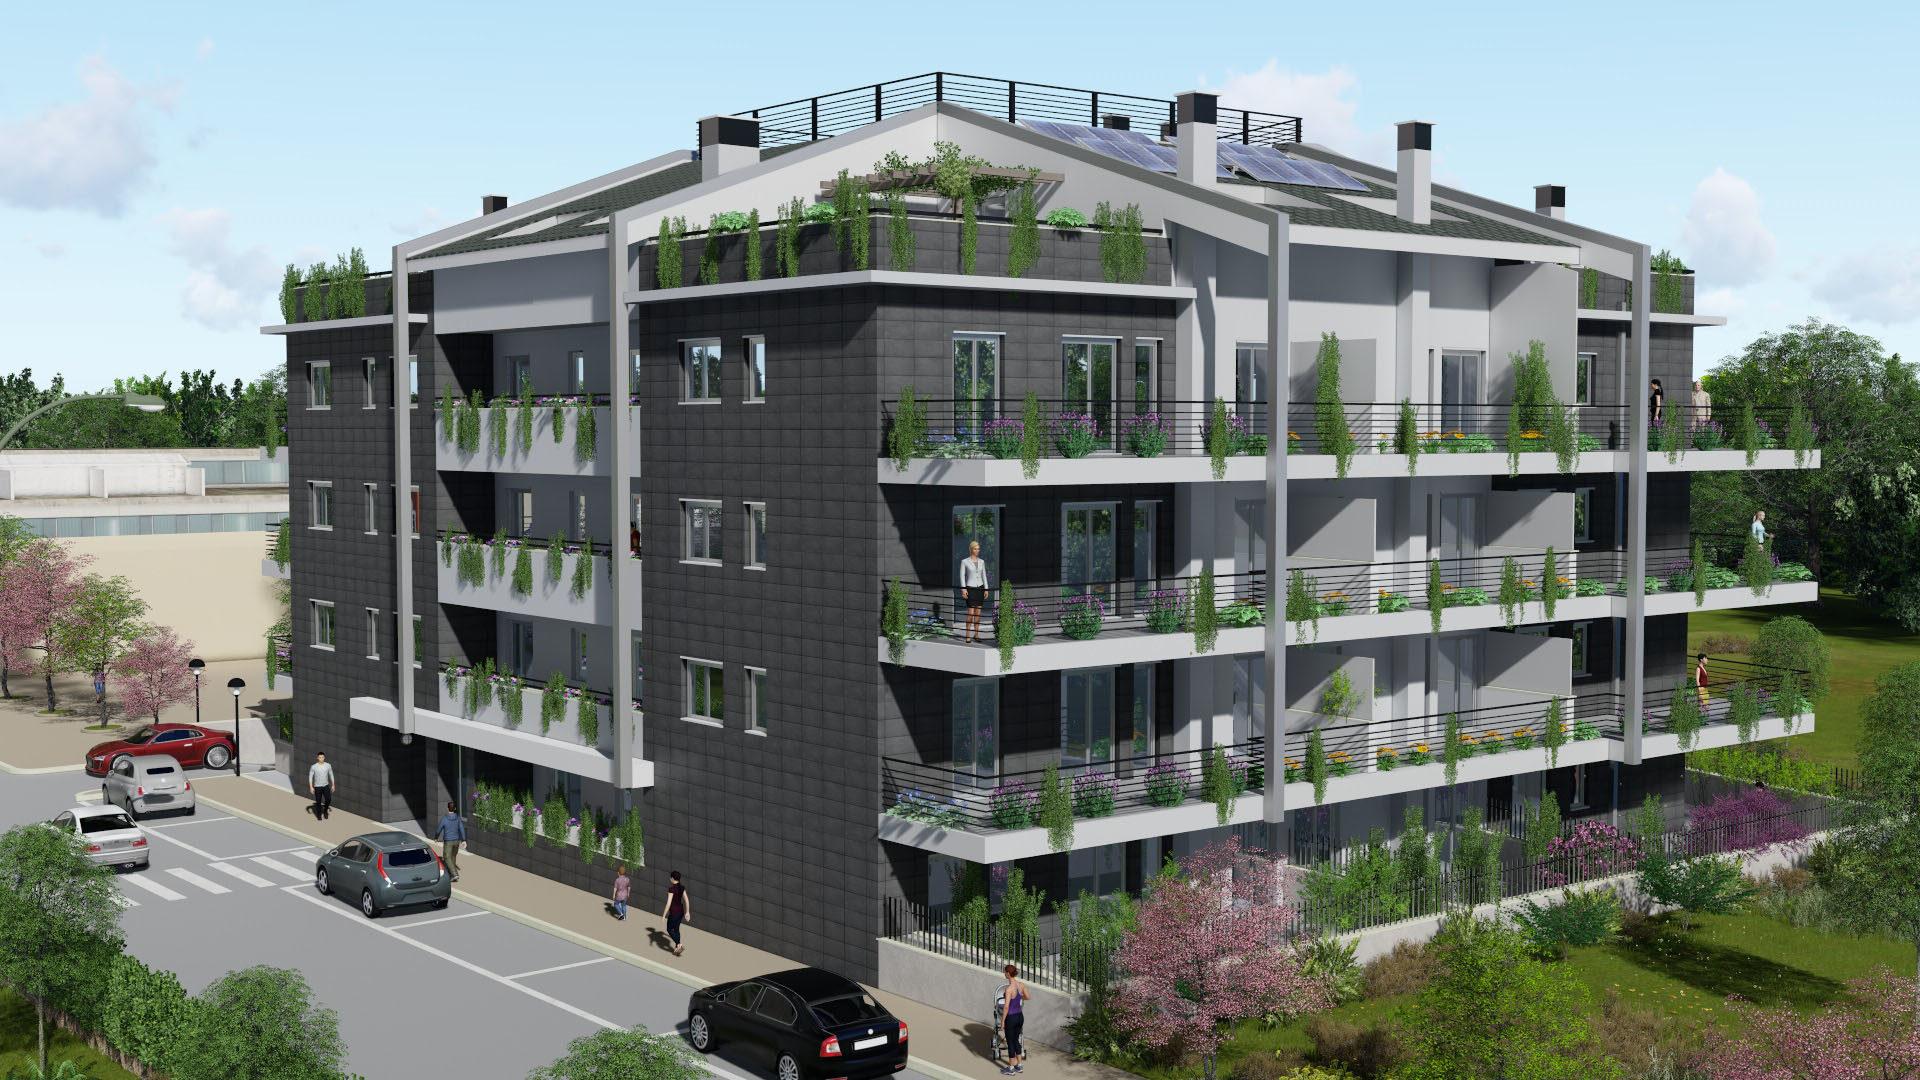 Imprese Di Costruzioni Roma nuove costruzioni - progetto galla placidia 93a - roma